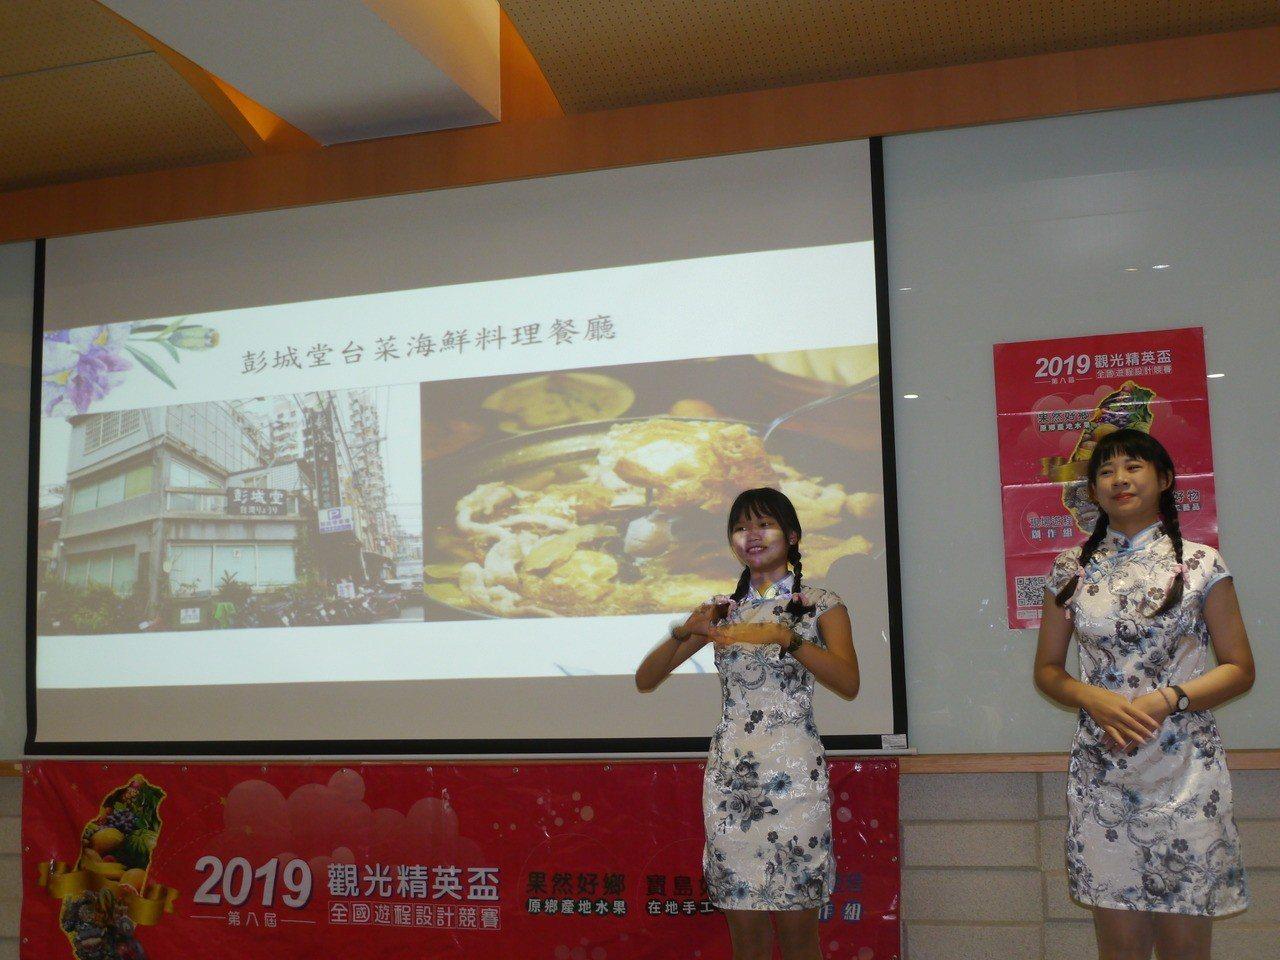 高中組參賽學生穿旗袍上台簡報,以活潑方式介紹遊程。記者徐白櫻/攝影